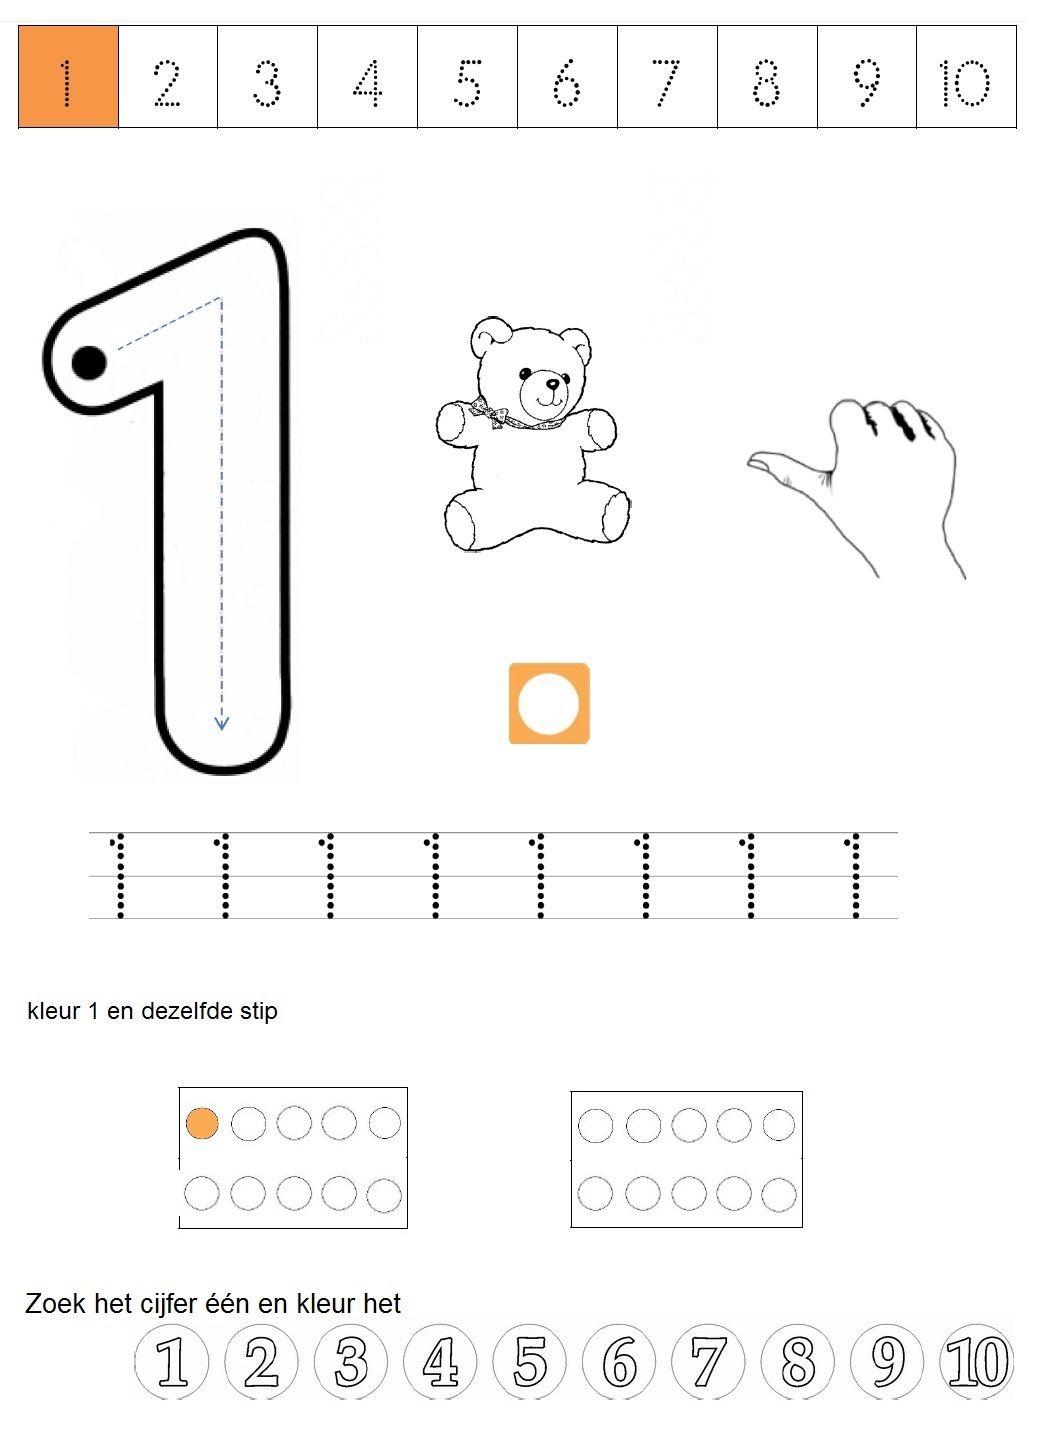 werkblad cijfer 1 | Matemática | Pinterest | Mathe, Vorschule und Zahlen